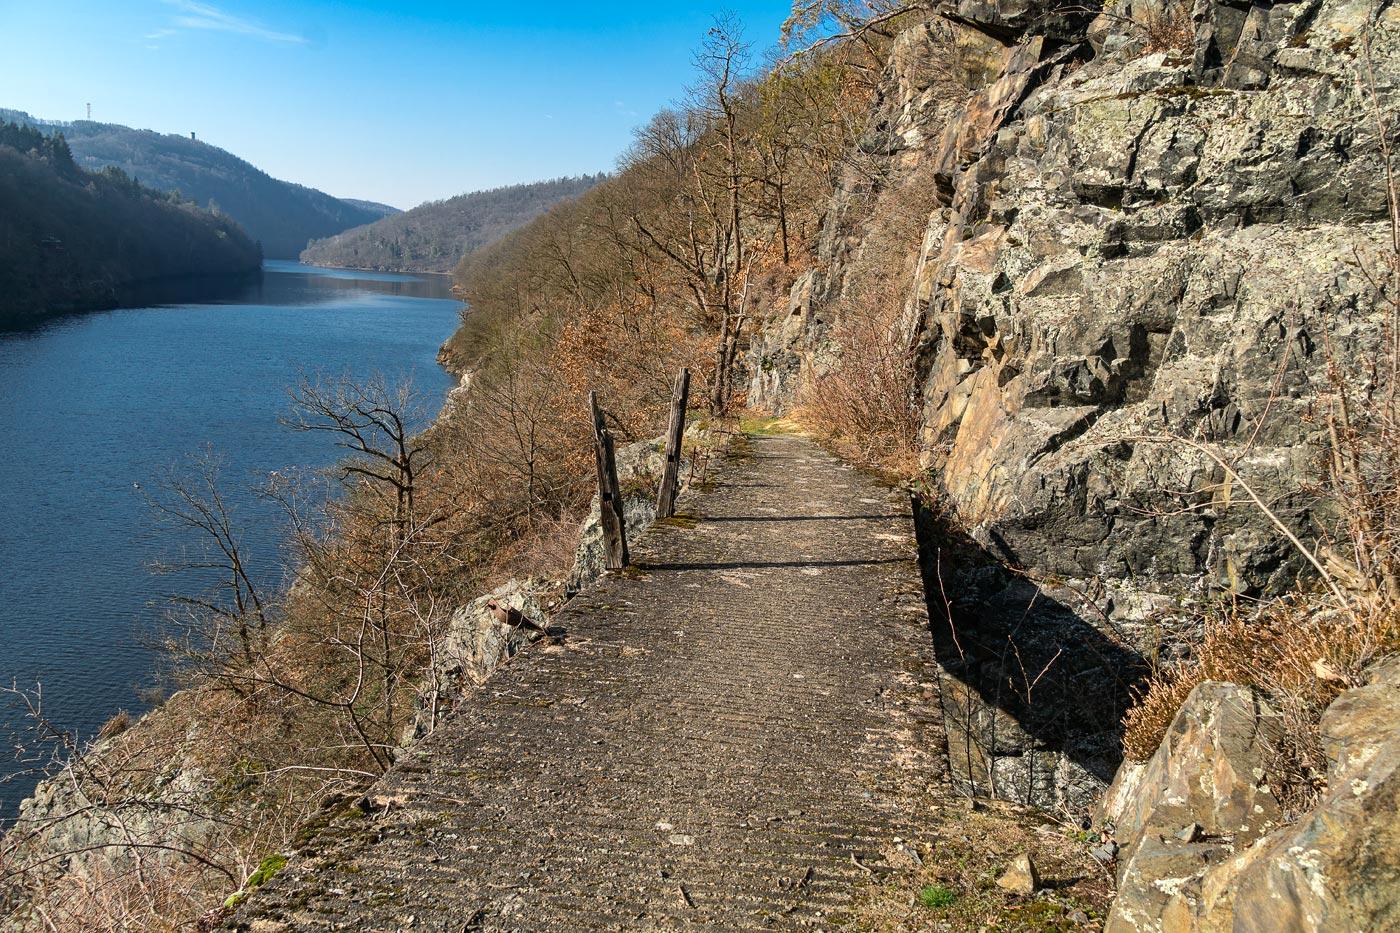 Полуразрушенный мостик на туристической тропе, природная резервация Кобыли драга